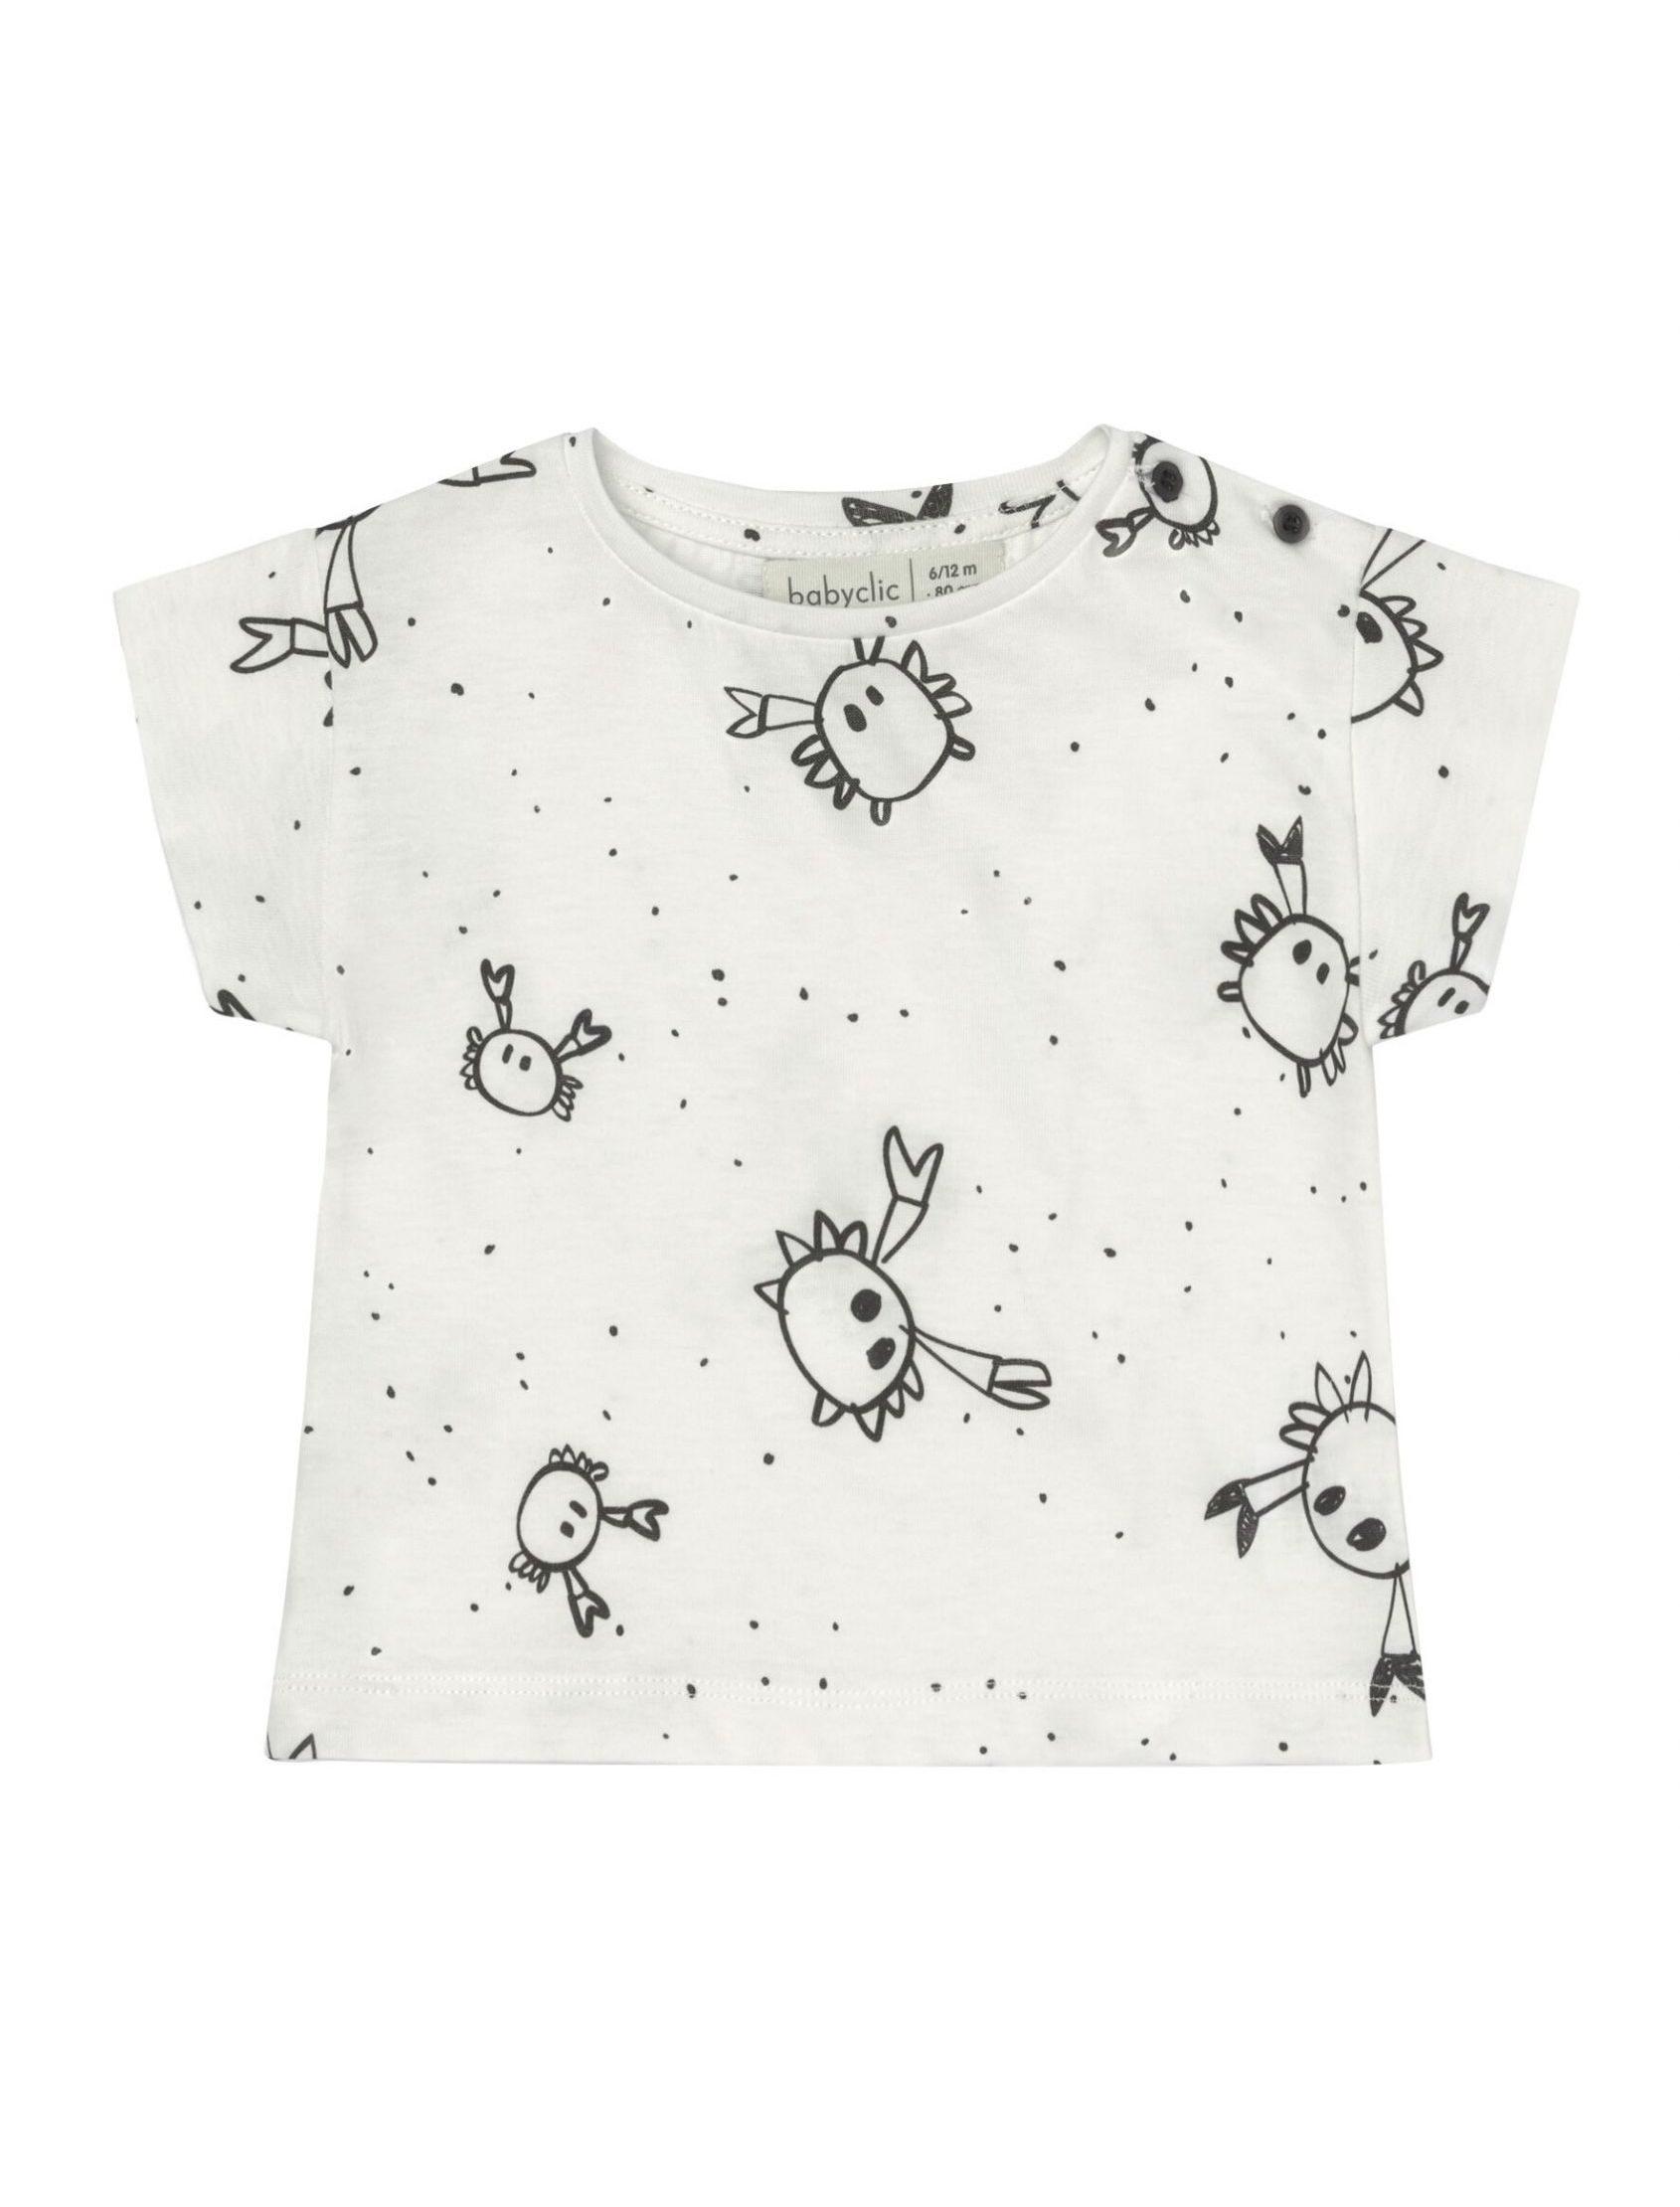 Camiseta de manga corta con estampado crabs de la marca baby clic